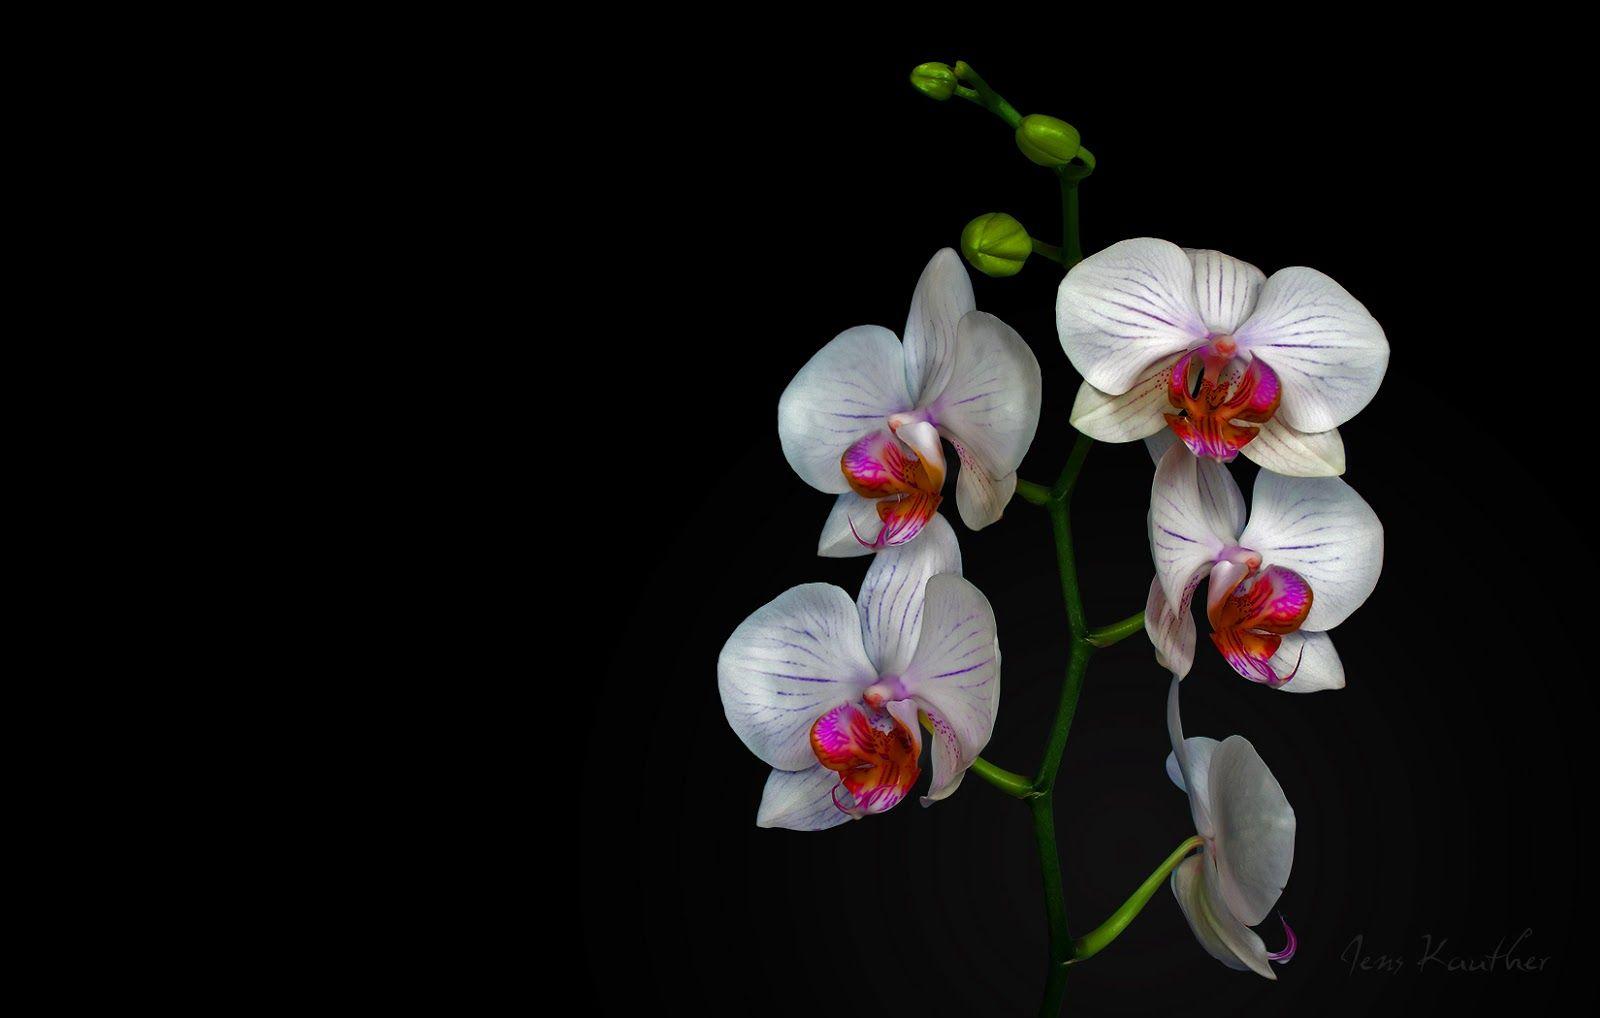 Orquideas Fondo De Pantalla De Planta Exotica De Gran Belleza